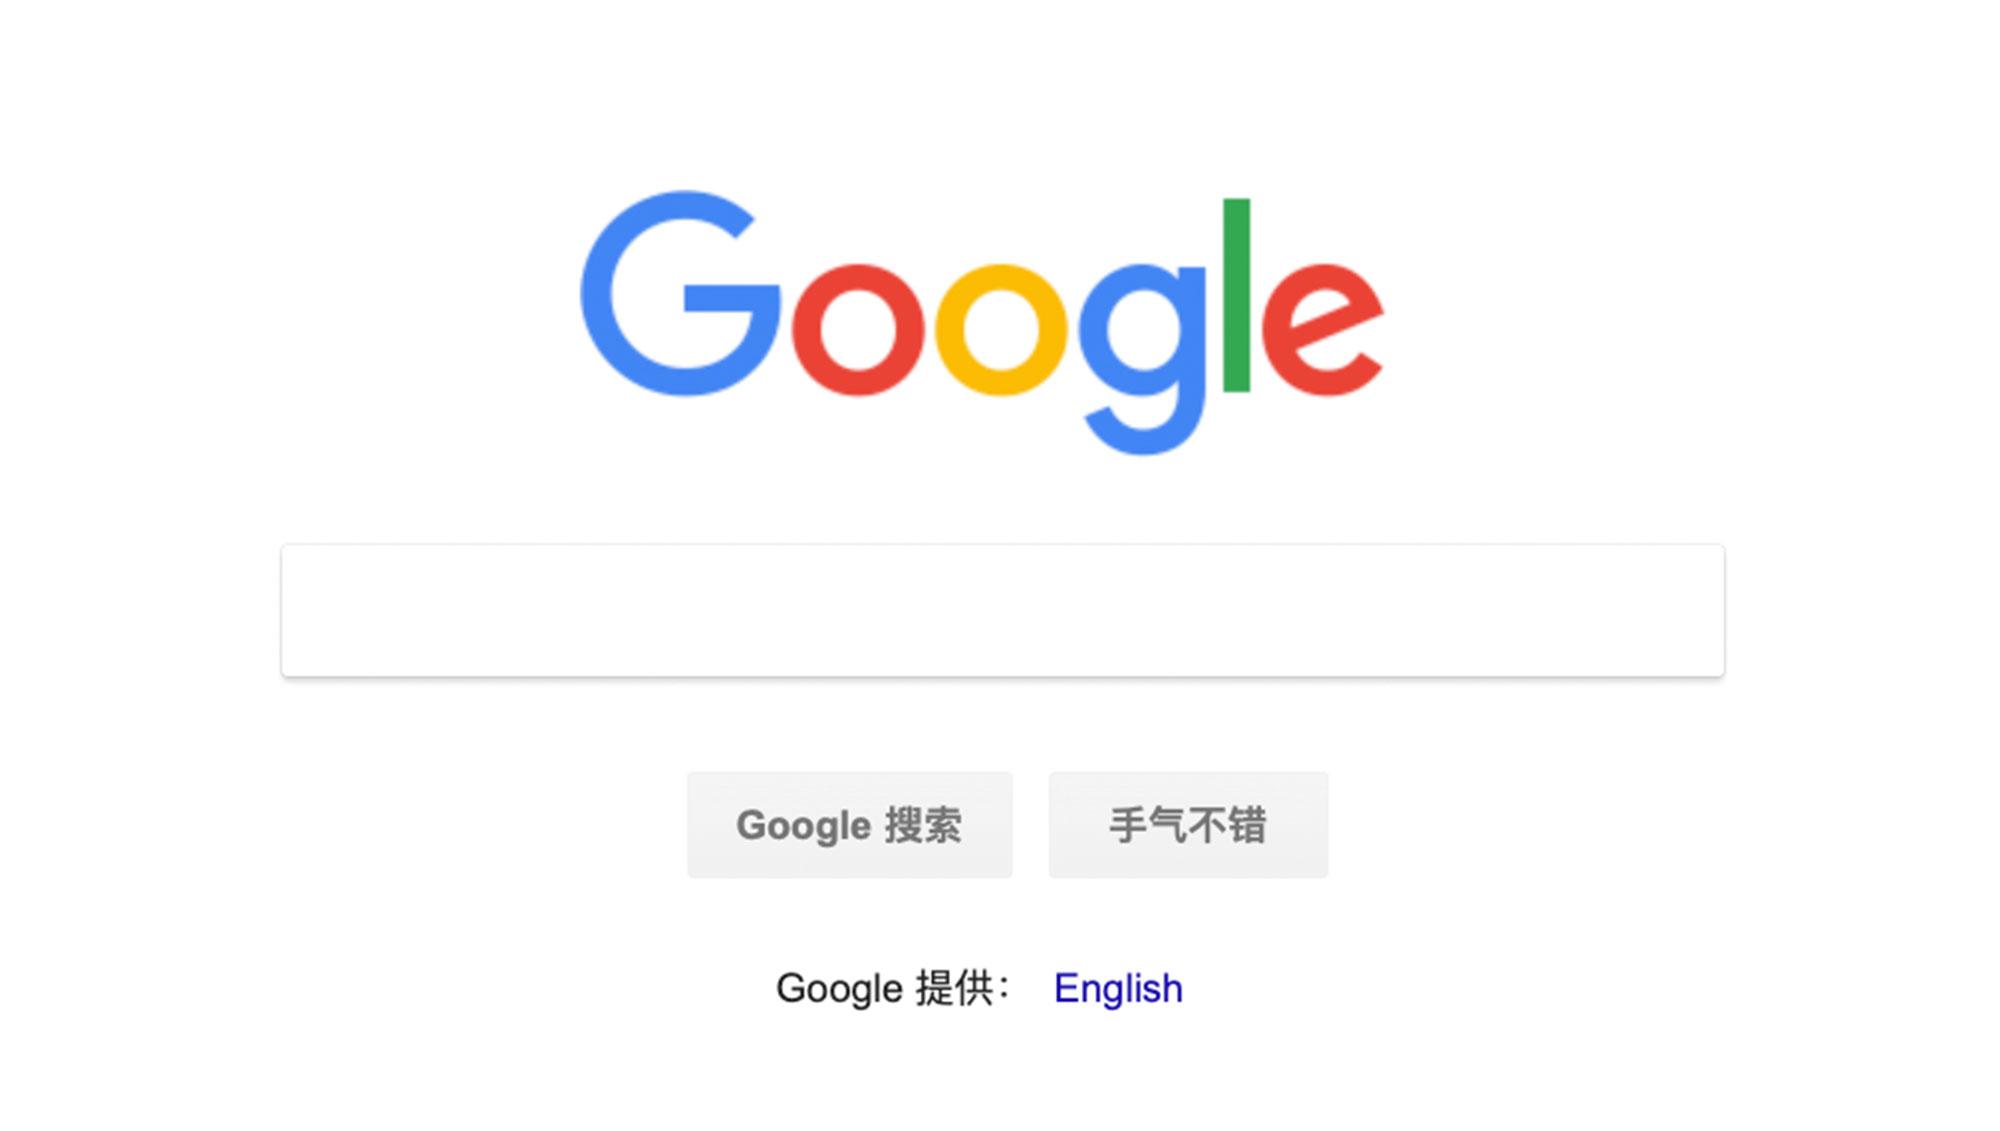 谷歌以 95 亿美元的代价保住作为 Safari 默认搜索引擎的地位